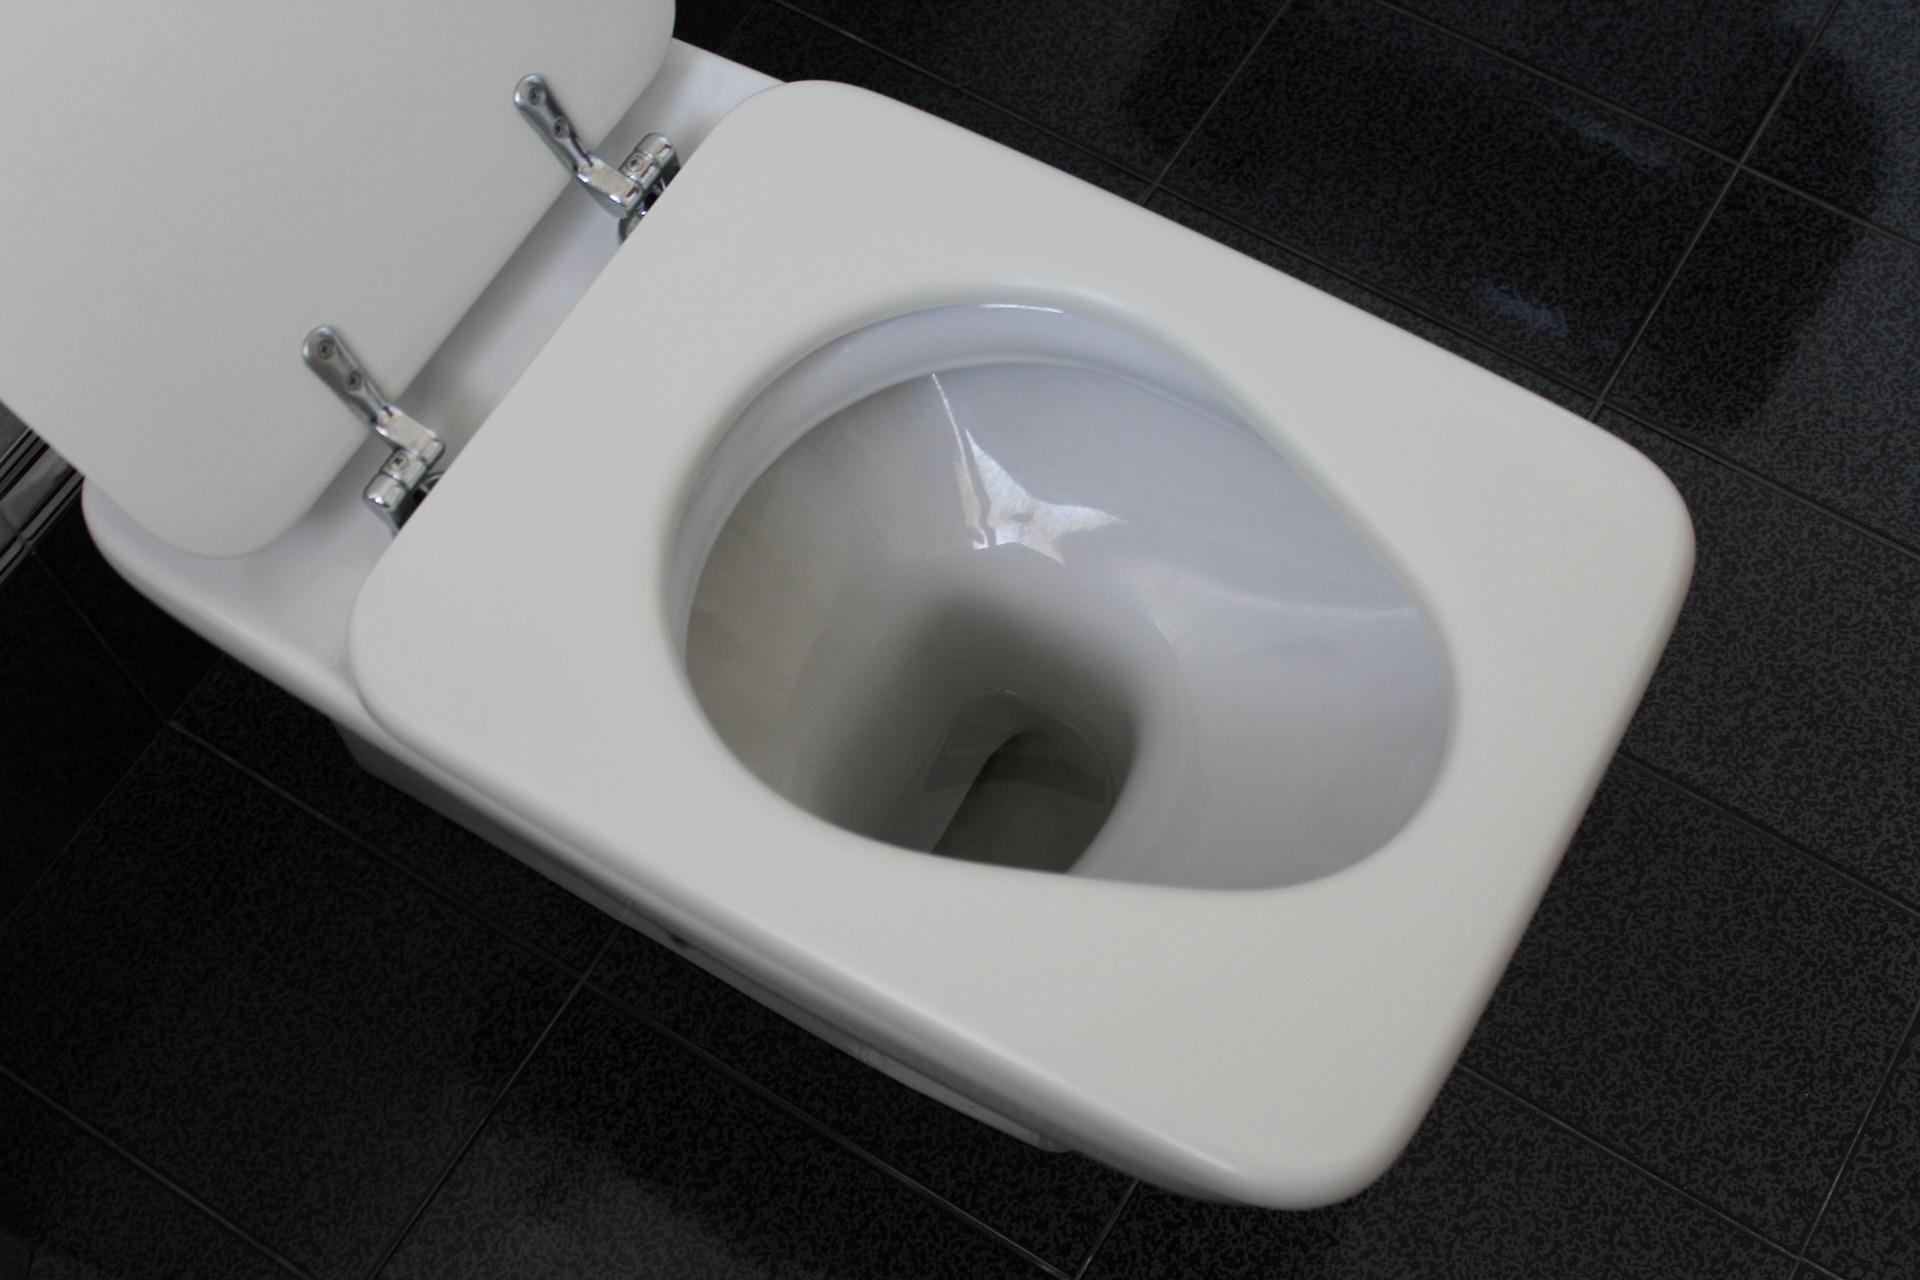 グローのトイレでの喫煙